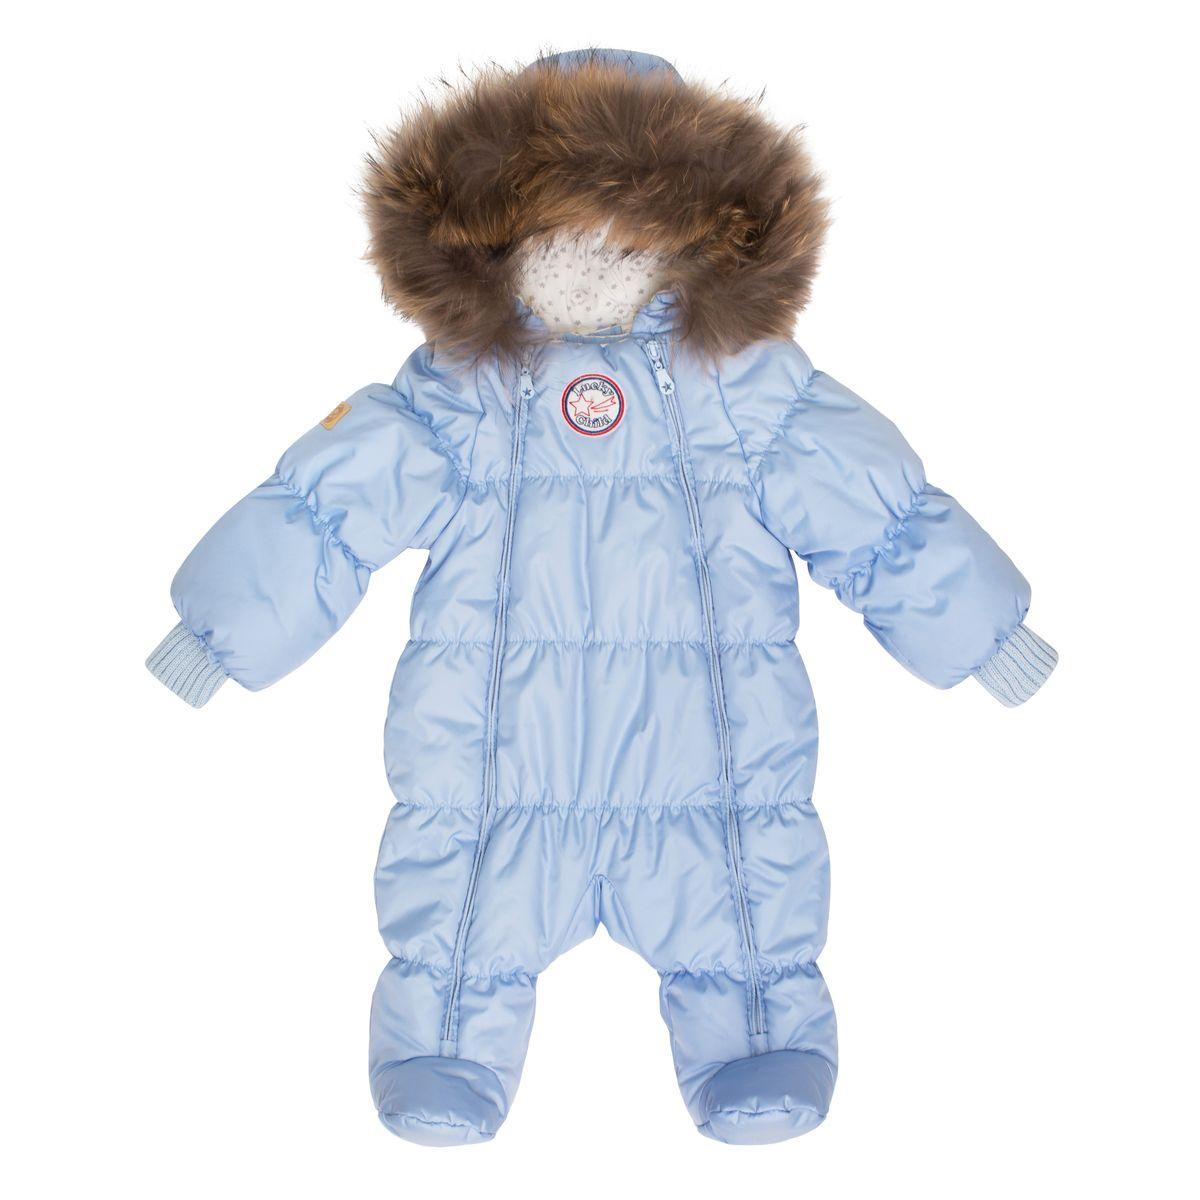 Комбинезон для мальчика Lucky Child, цвет: голубой. В1-2. Размер 68В1-2Неважно, будет ли ваш кроха спать всю прогулку или пойдёт разглядывать снег, ему будет удобно в этом тёплом и лёгком комбинезоне. Сверху - качественная курточная ткань с влагостойкой пропиткой, внутри - наполнитель Isosoft и трикотажная подкладка с воздухопроницаемыми и водоотводными свойствами. Удобная двойная молния позволяет легко одеть и раздеть ребёнка или просто поменять подгузник и продолжить прогулку при температуре до -30°. Ручки младенца можно легко спрятать в отворачивающуюся варежку. Капюшон оторочен натуральным мехом енота.